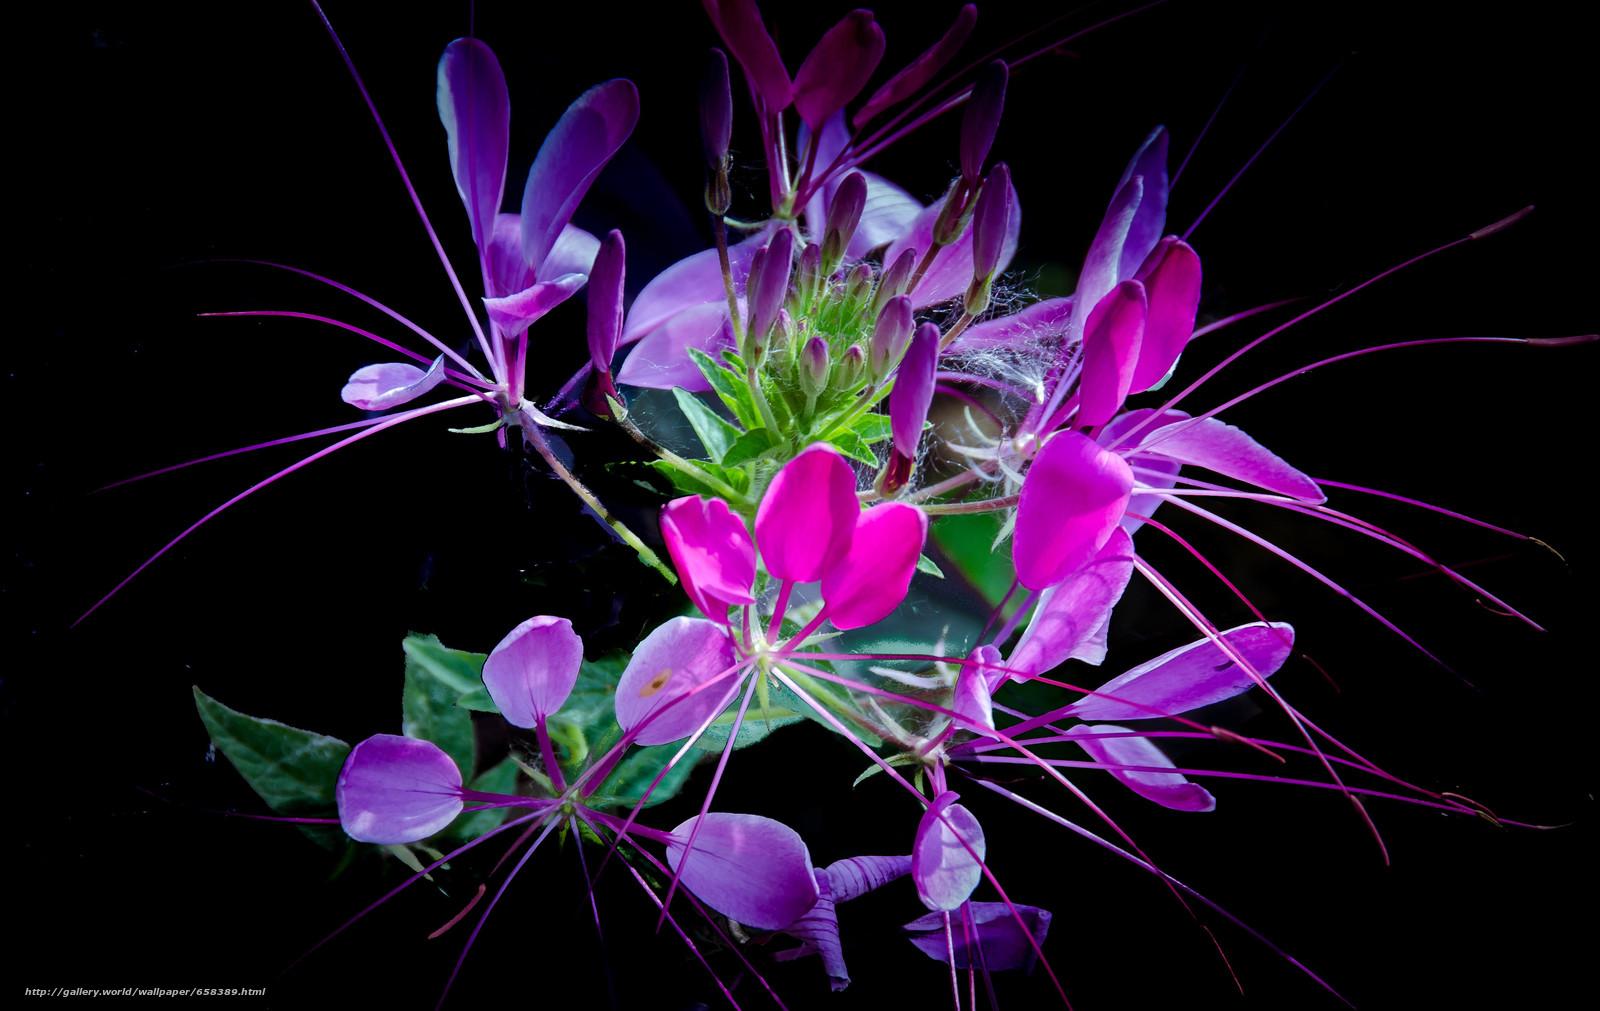 Скачать обои цветок,  цветы,  флора бесплатно для рабочего стола в разрешении 3765x2380 — картинка №658389